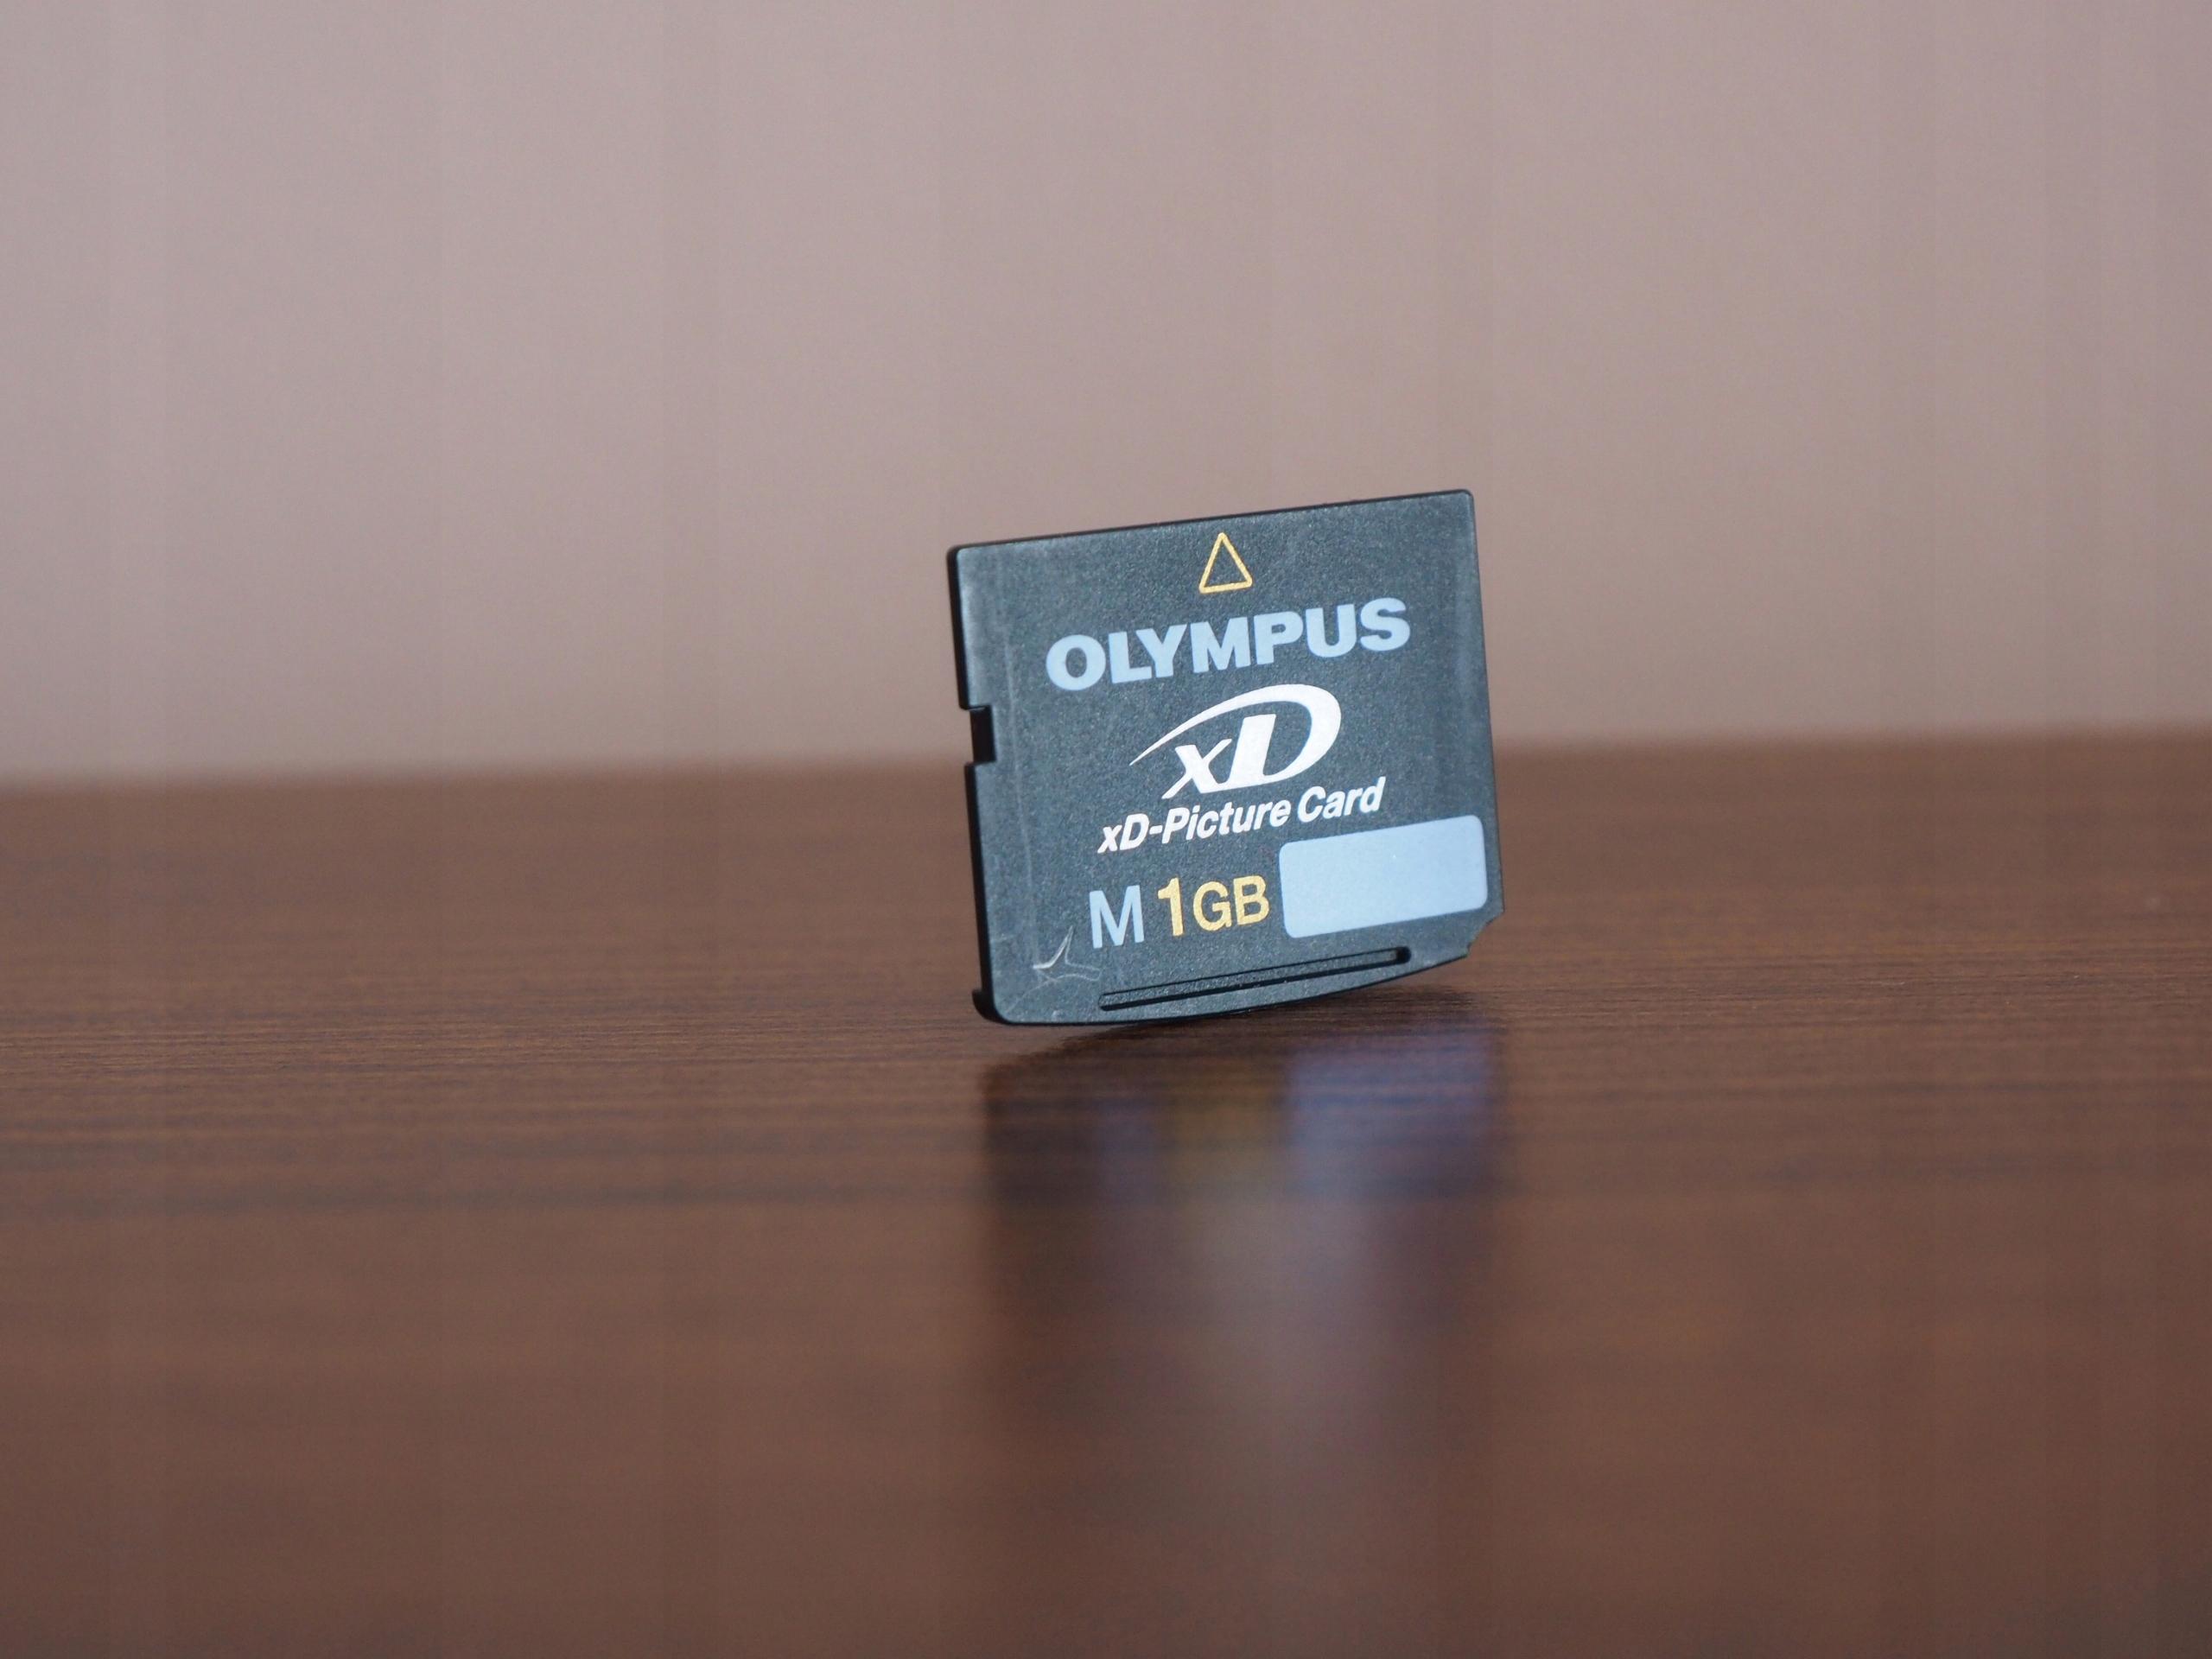 Karta Xd Picture Card Olympus 1 Gb Typ M Oryginal 7487738151